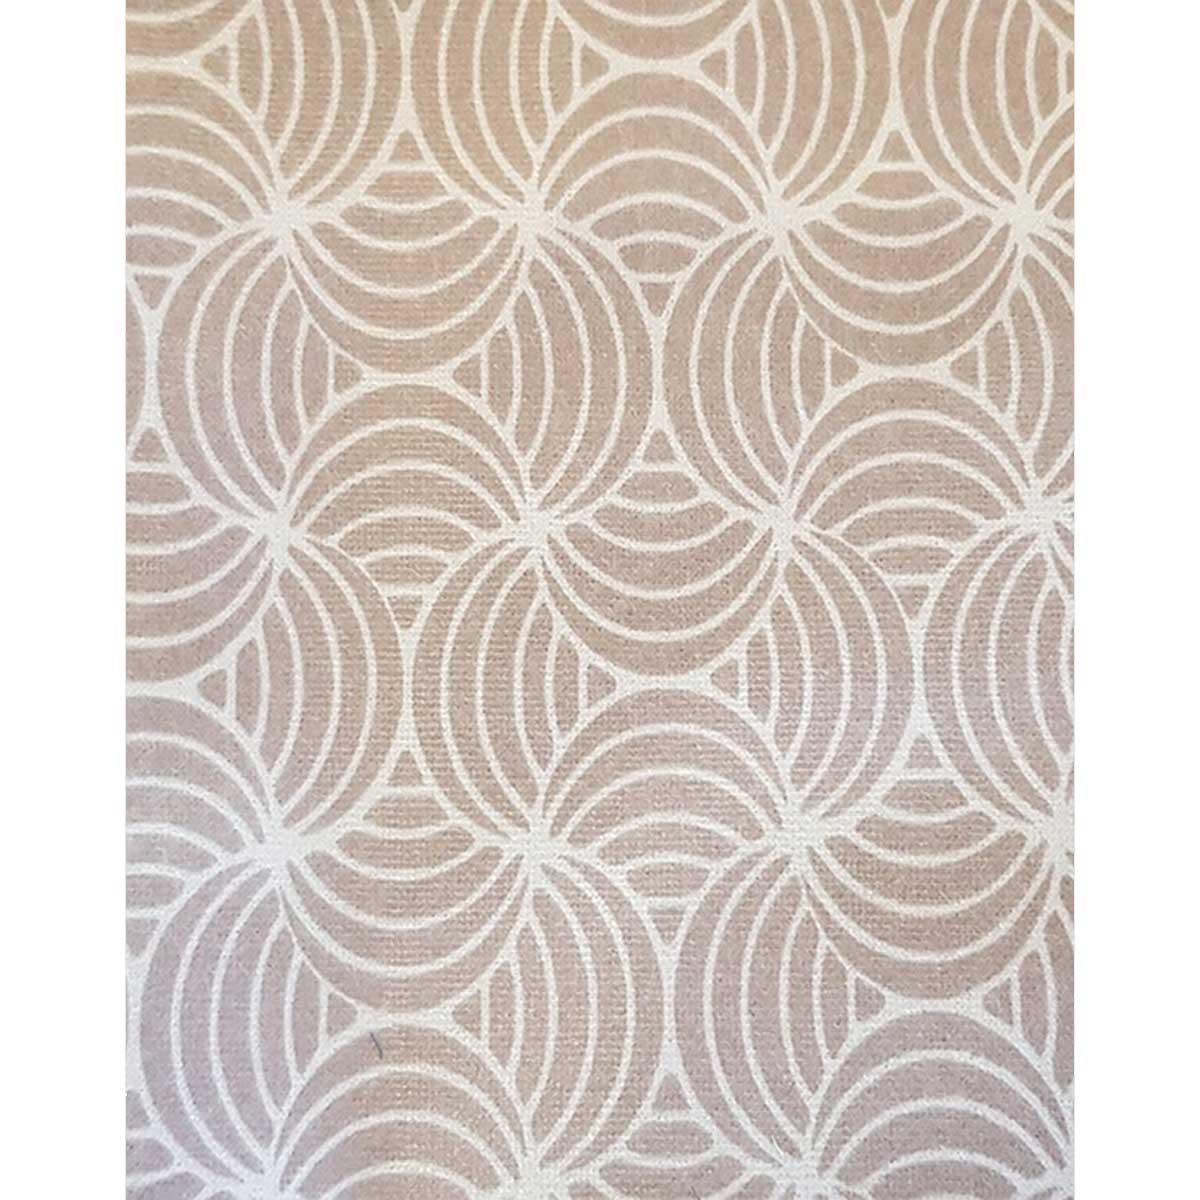 Tissu déperlant imprimé géométrique - Beige - 1.55 m